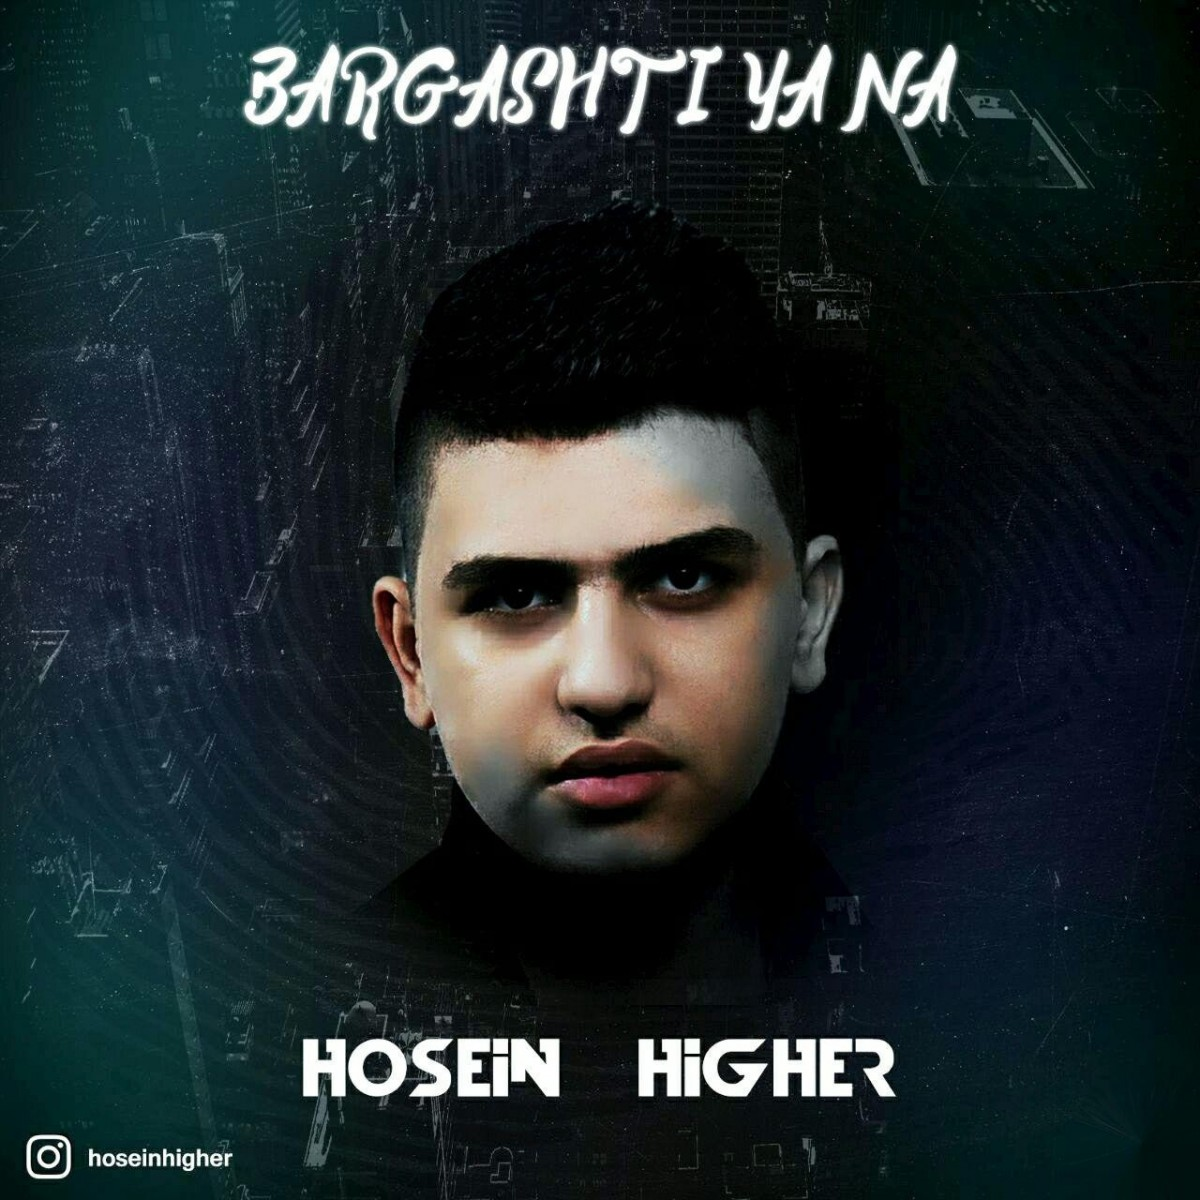 نامبر وان موزیک | دانلود آهنگ جدید Hosein-Higher-Bargashti-Ya-Na